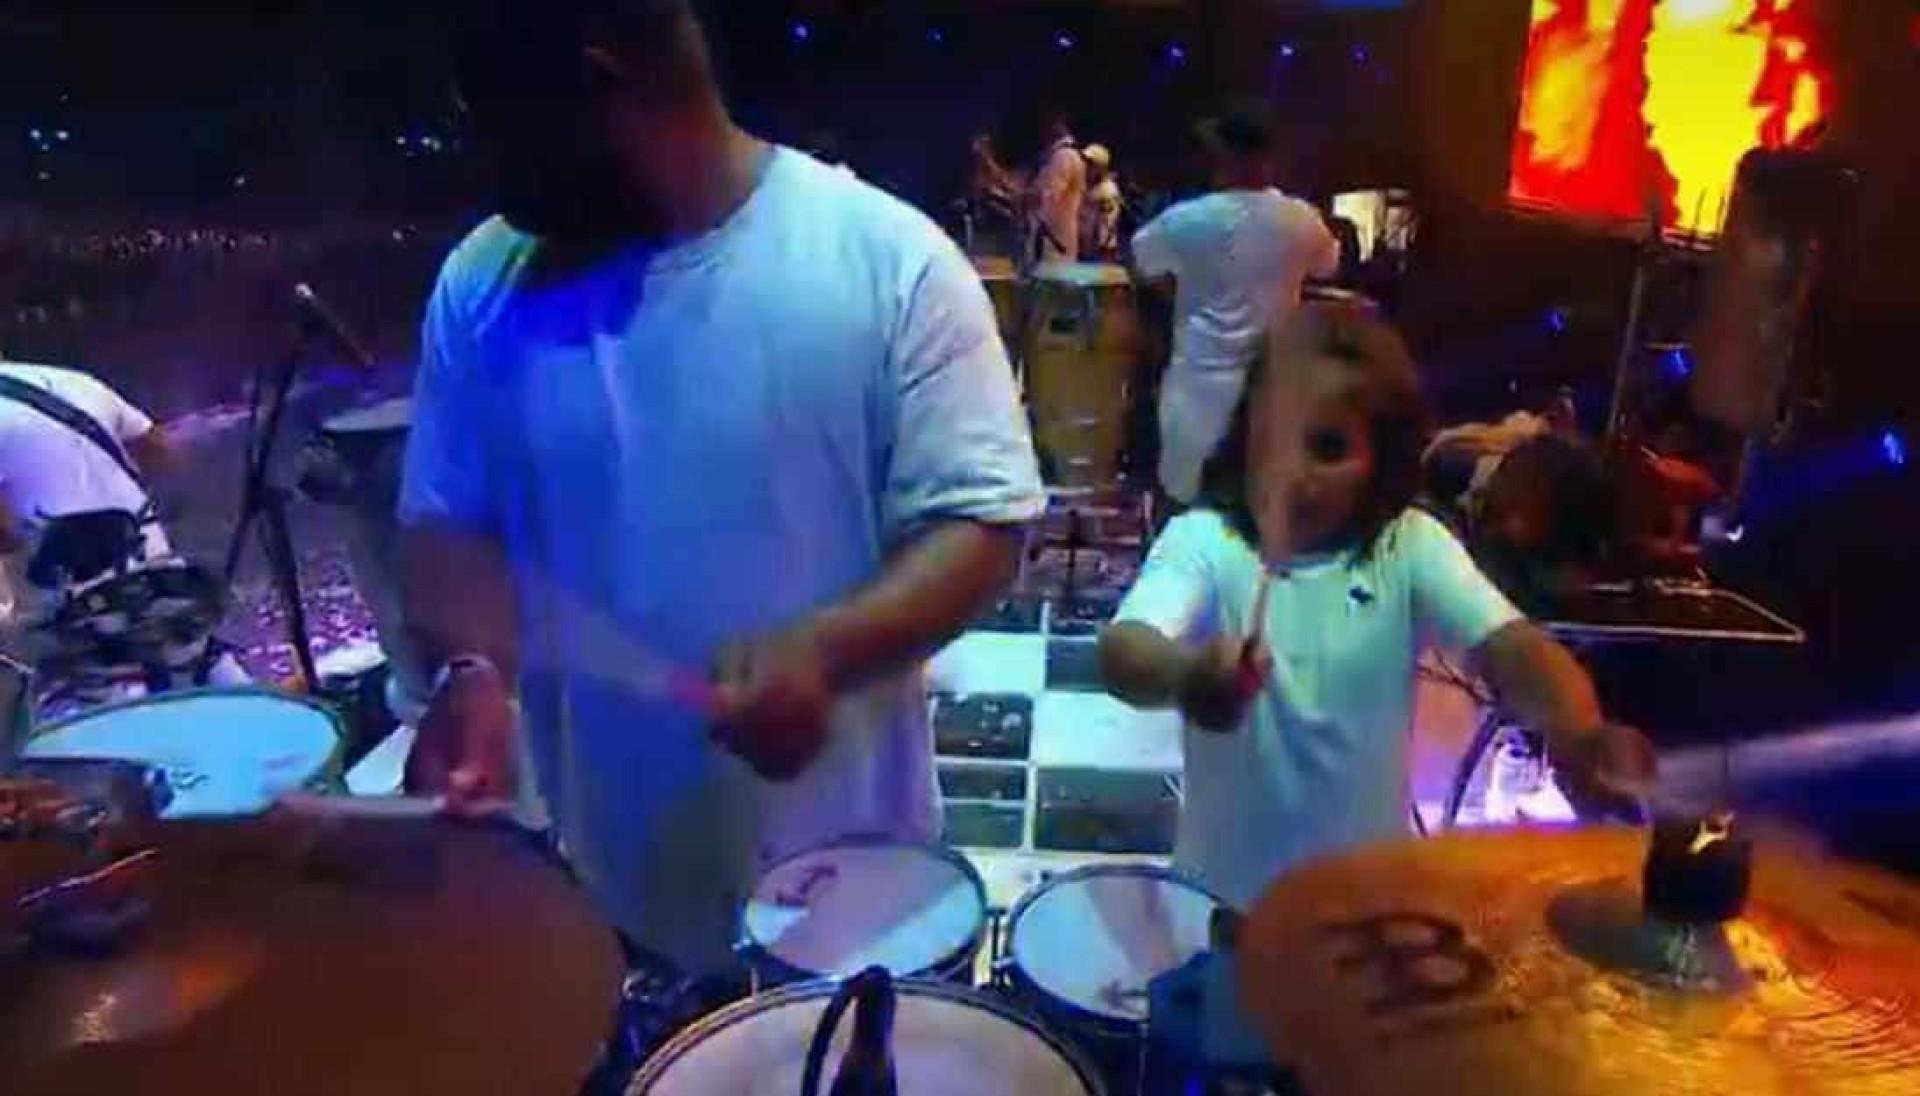 Filho de Ivete toca percussão e rouba a cena em Festival de verão